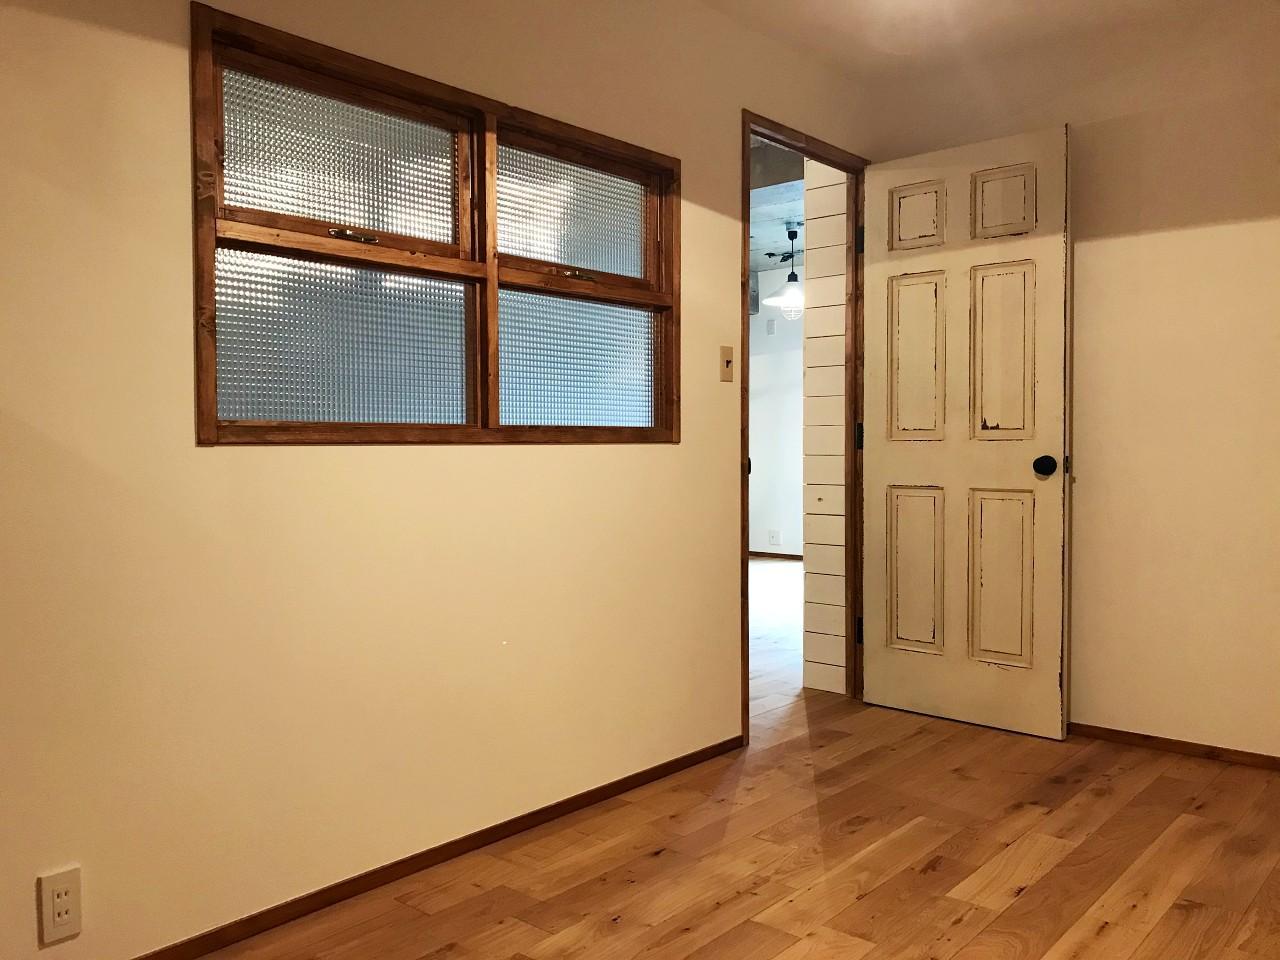 その扉の先は個室